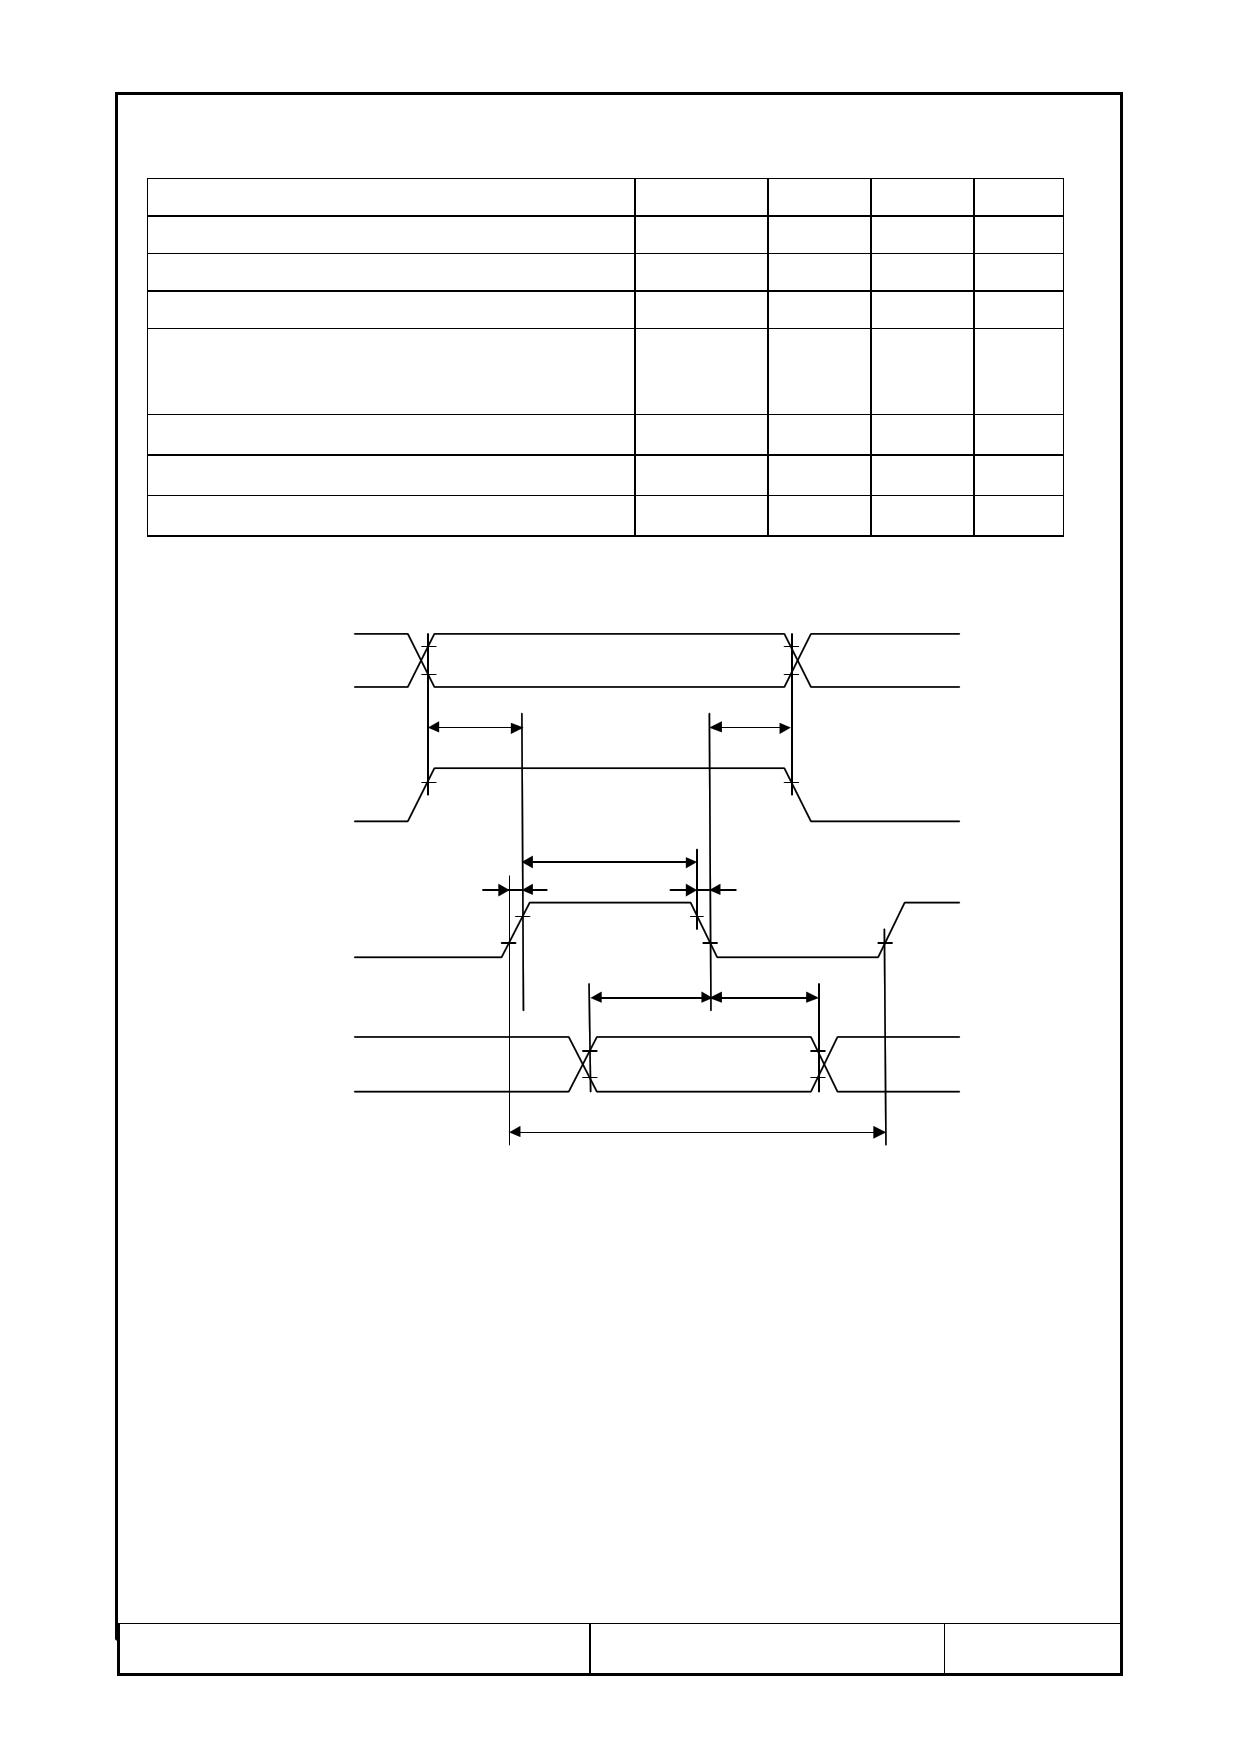 C-51505NFQJ-LB-AE pdf